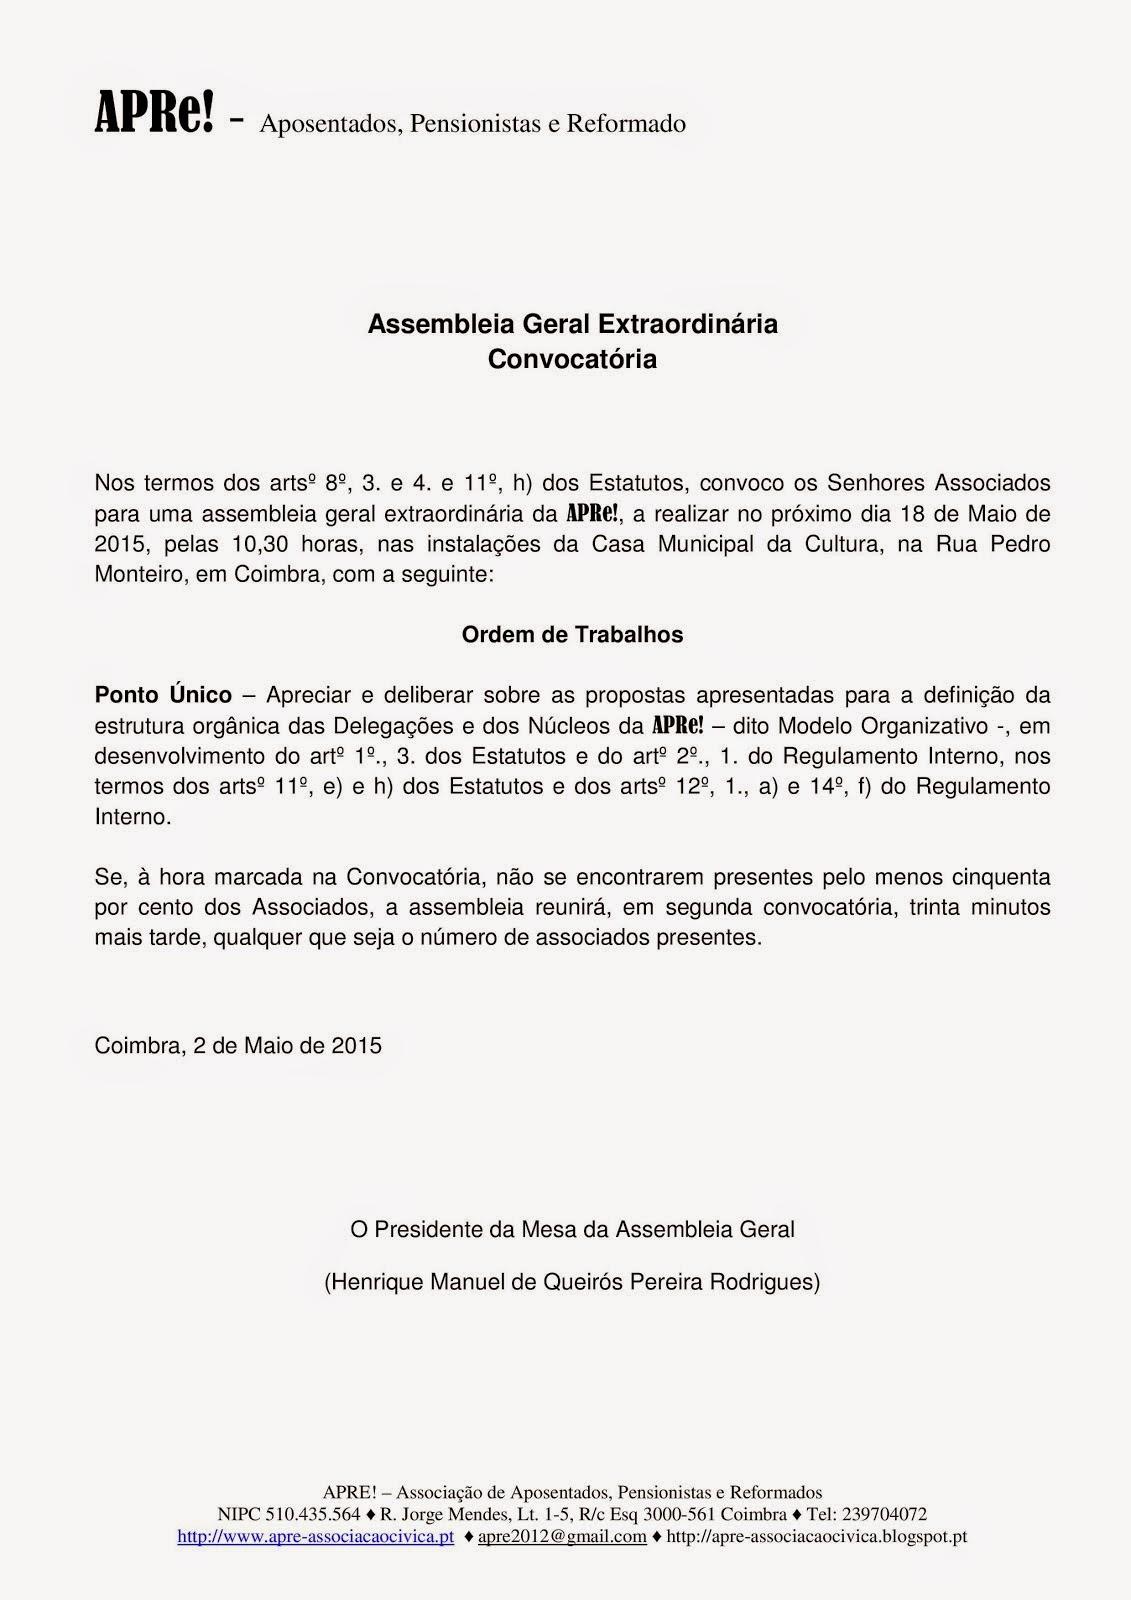 Convocatória para Assembleia Geral Ordinária da APRe!, 18 de Maio 2015